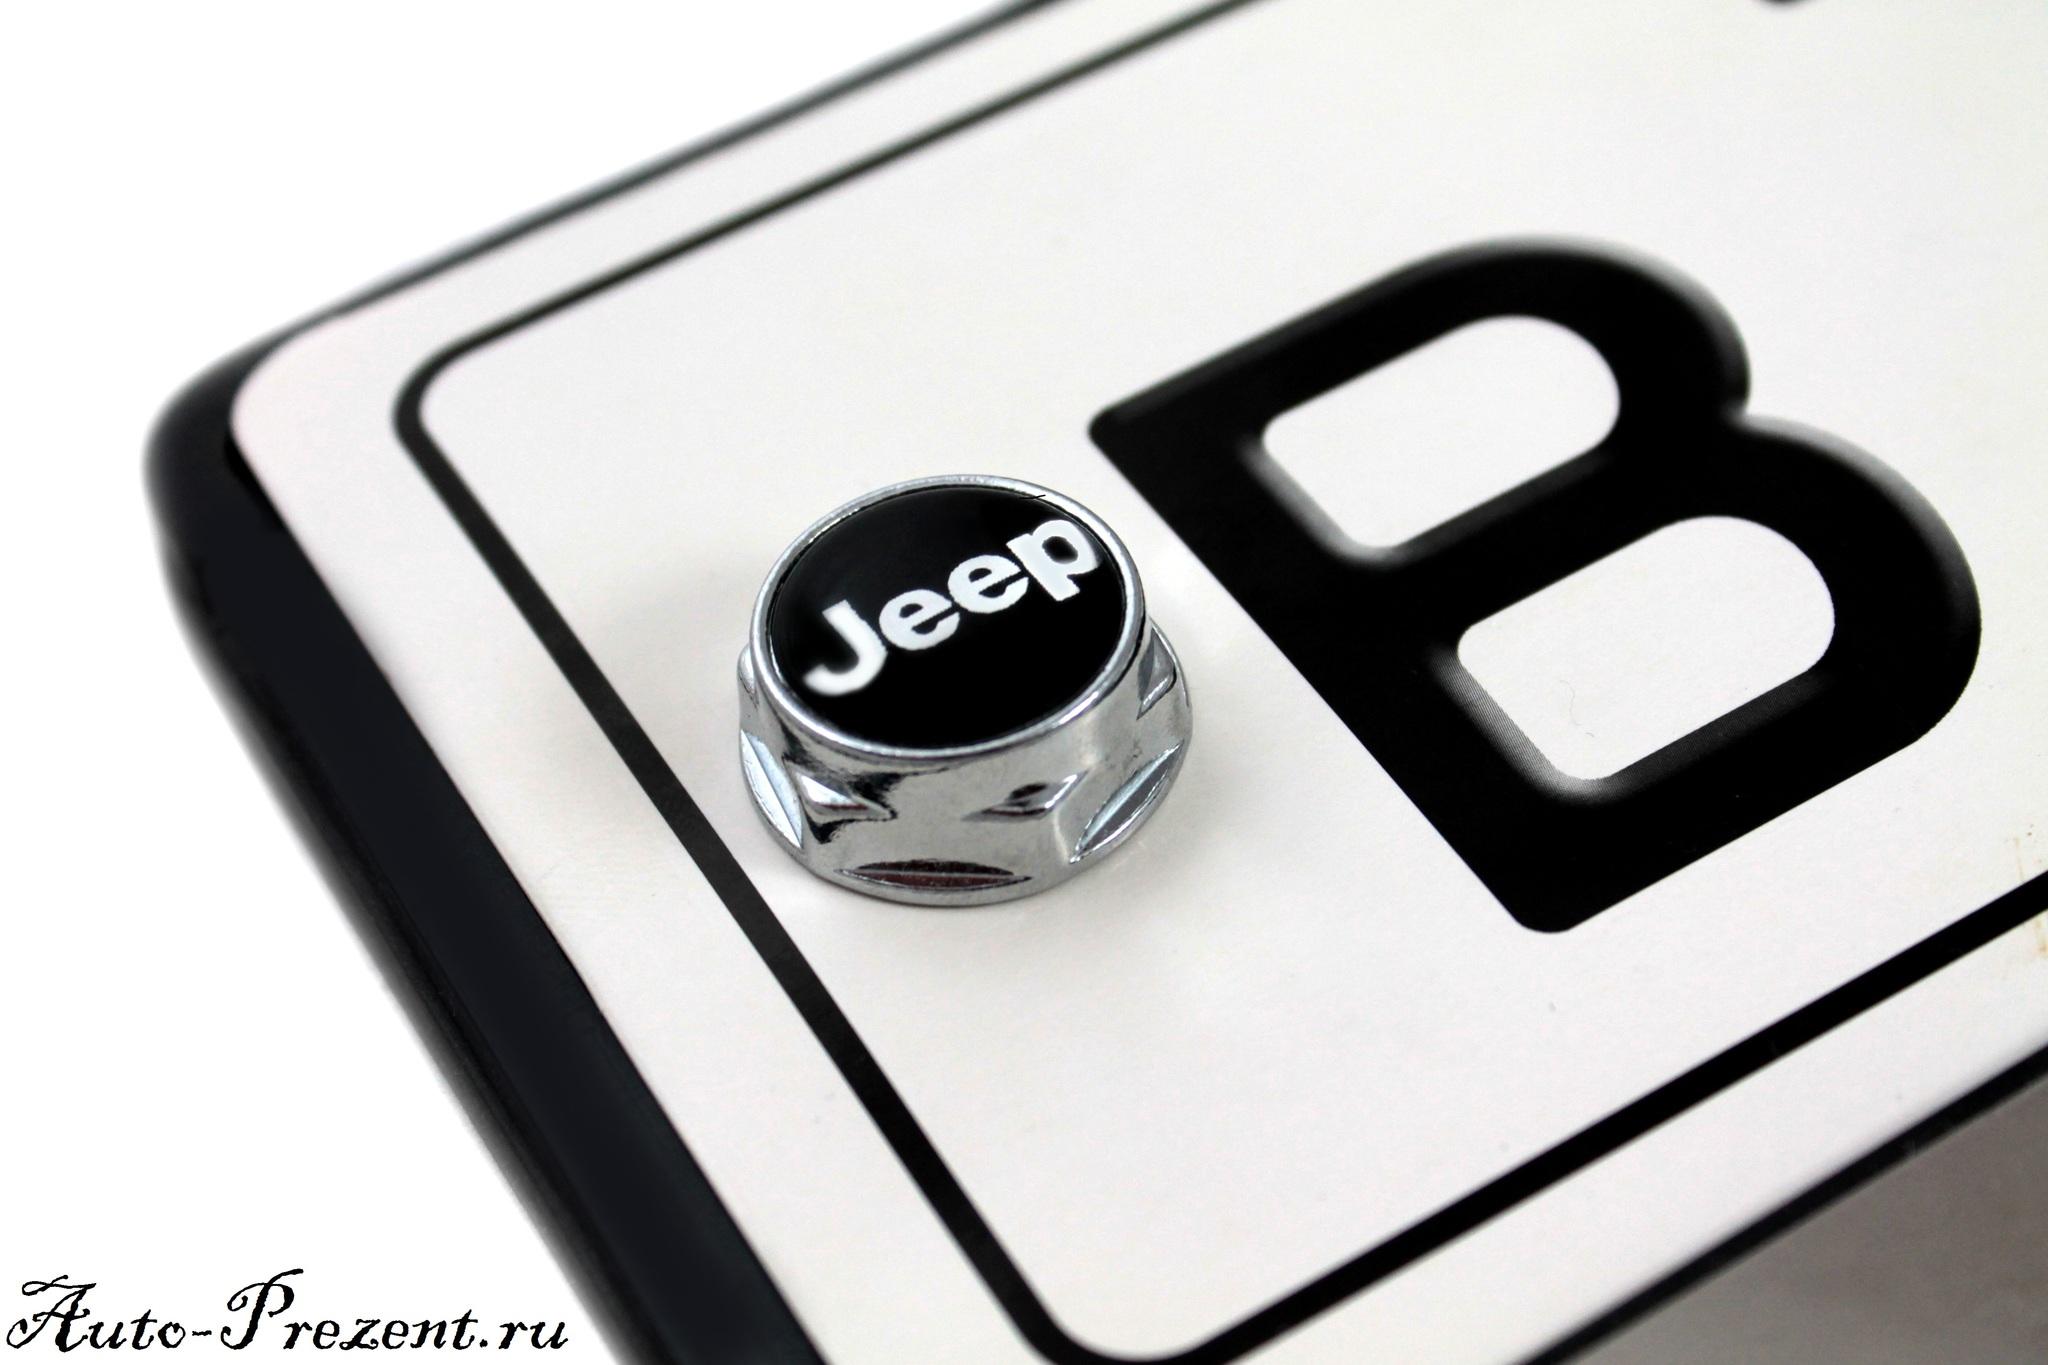 Болты для крепления госномера с логотипом JEEP